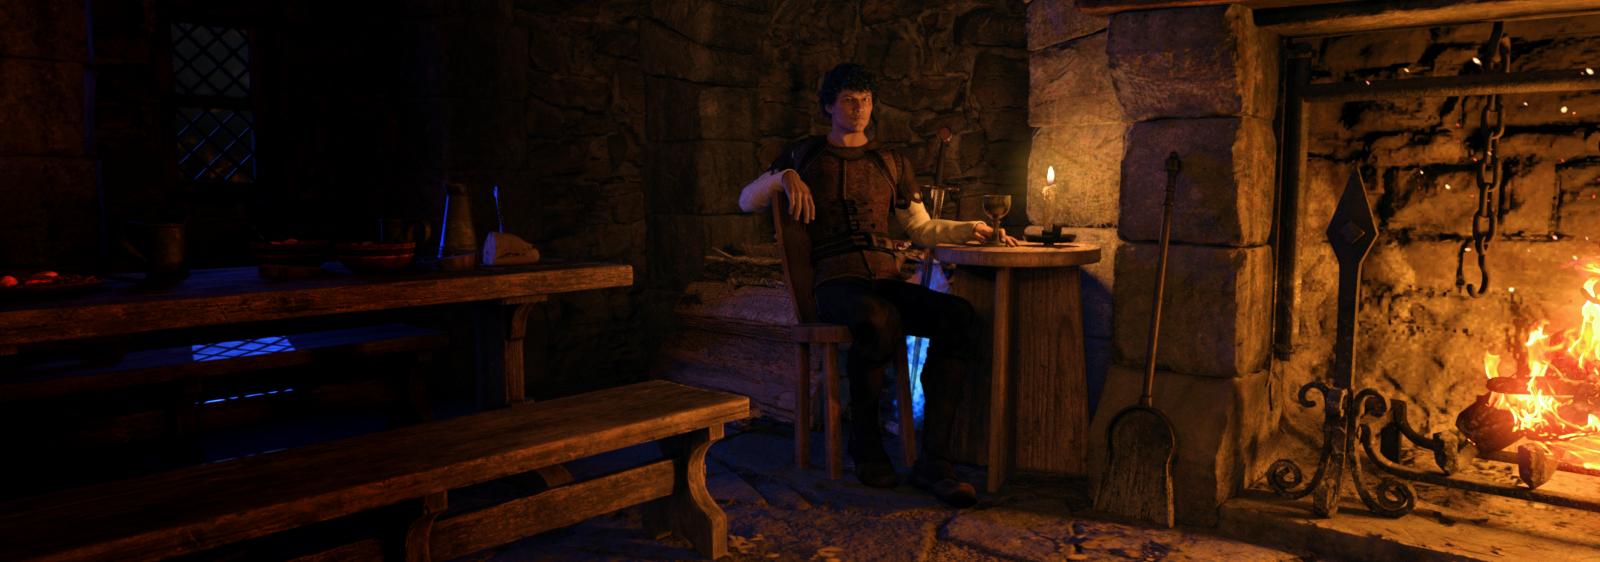 Herewiss awaits his guest